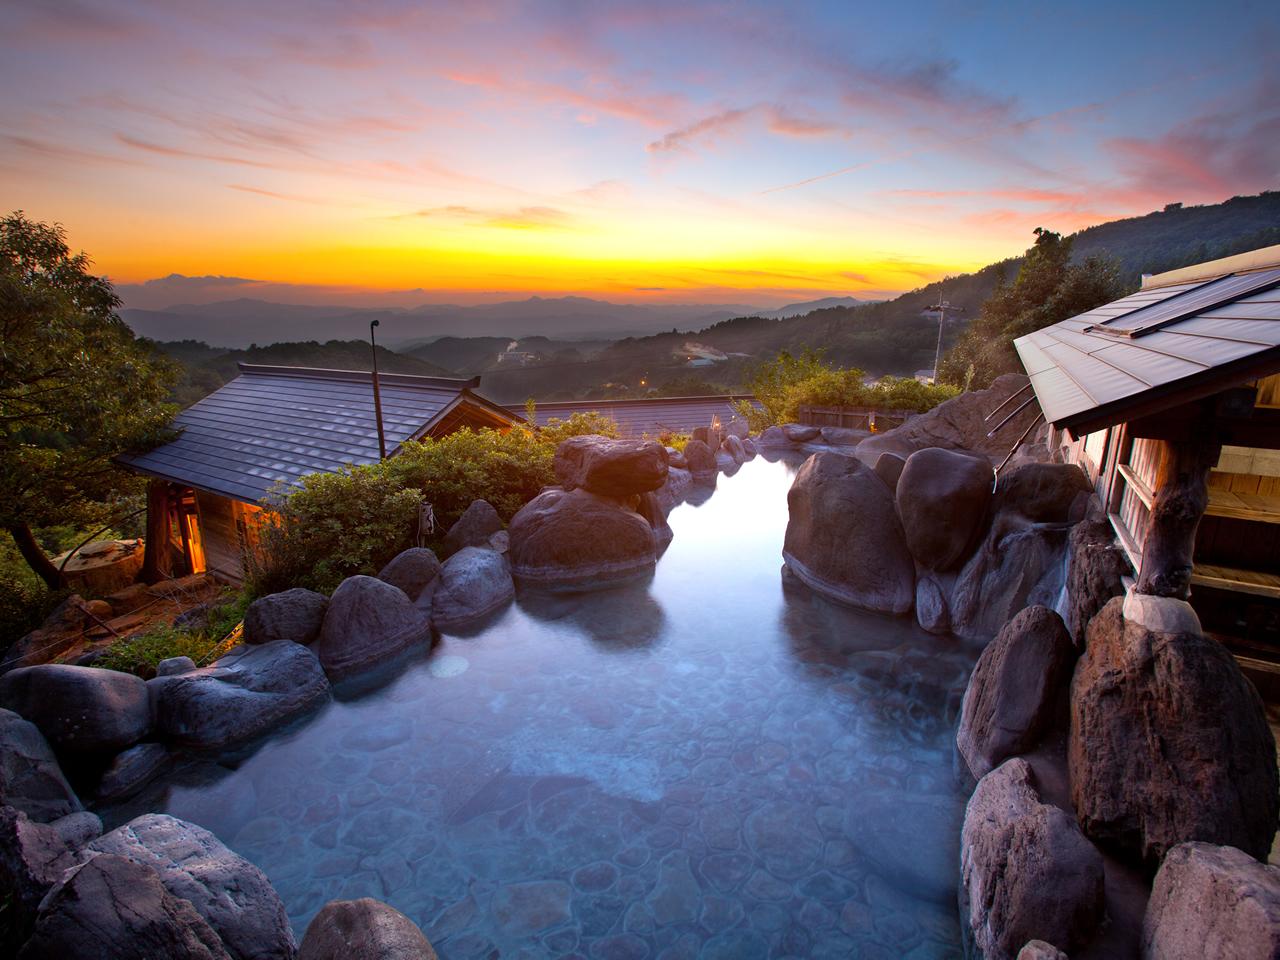 混浴露天風呂は、小国町でも最も高台にある